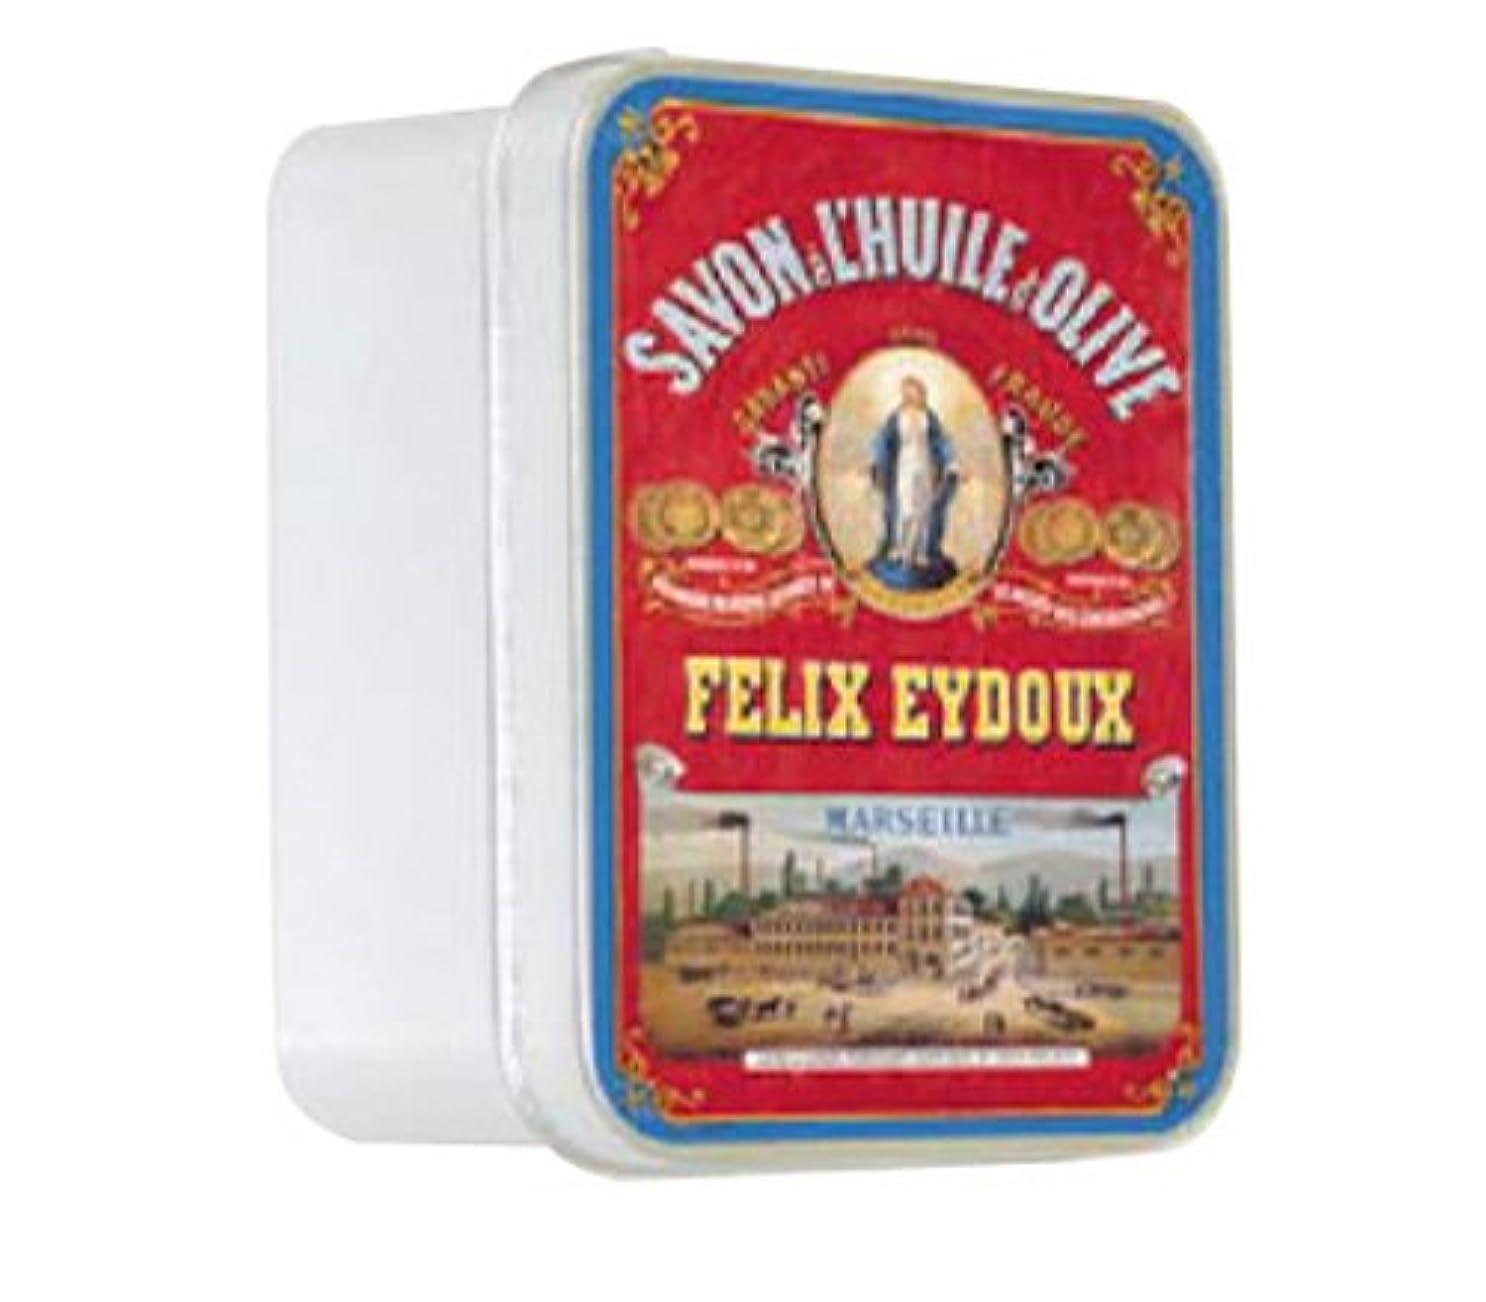 ワイン外側中断ルブランソープ メタルボックス(マルセイユソープ?オリーブの香り)石鹸